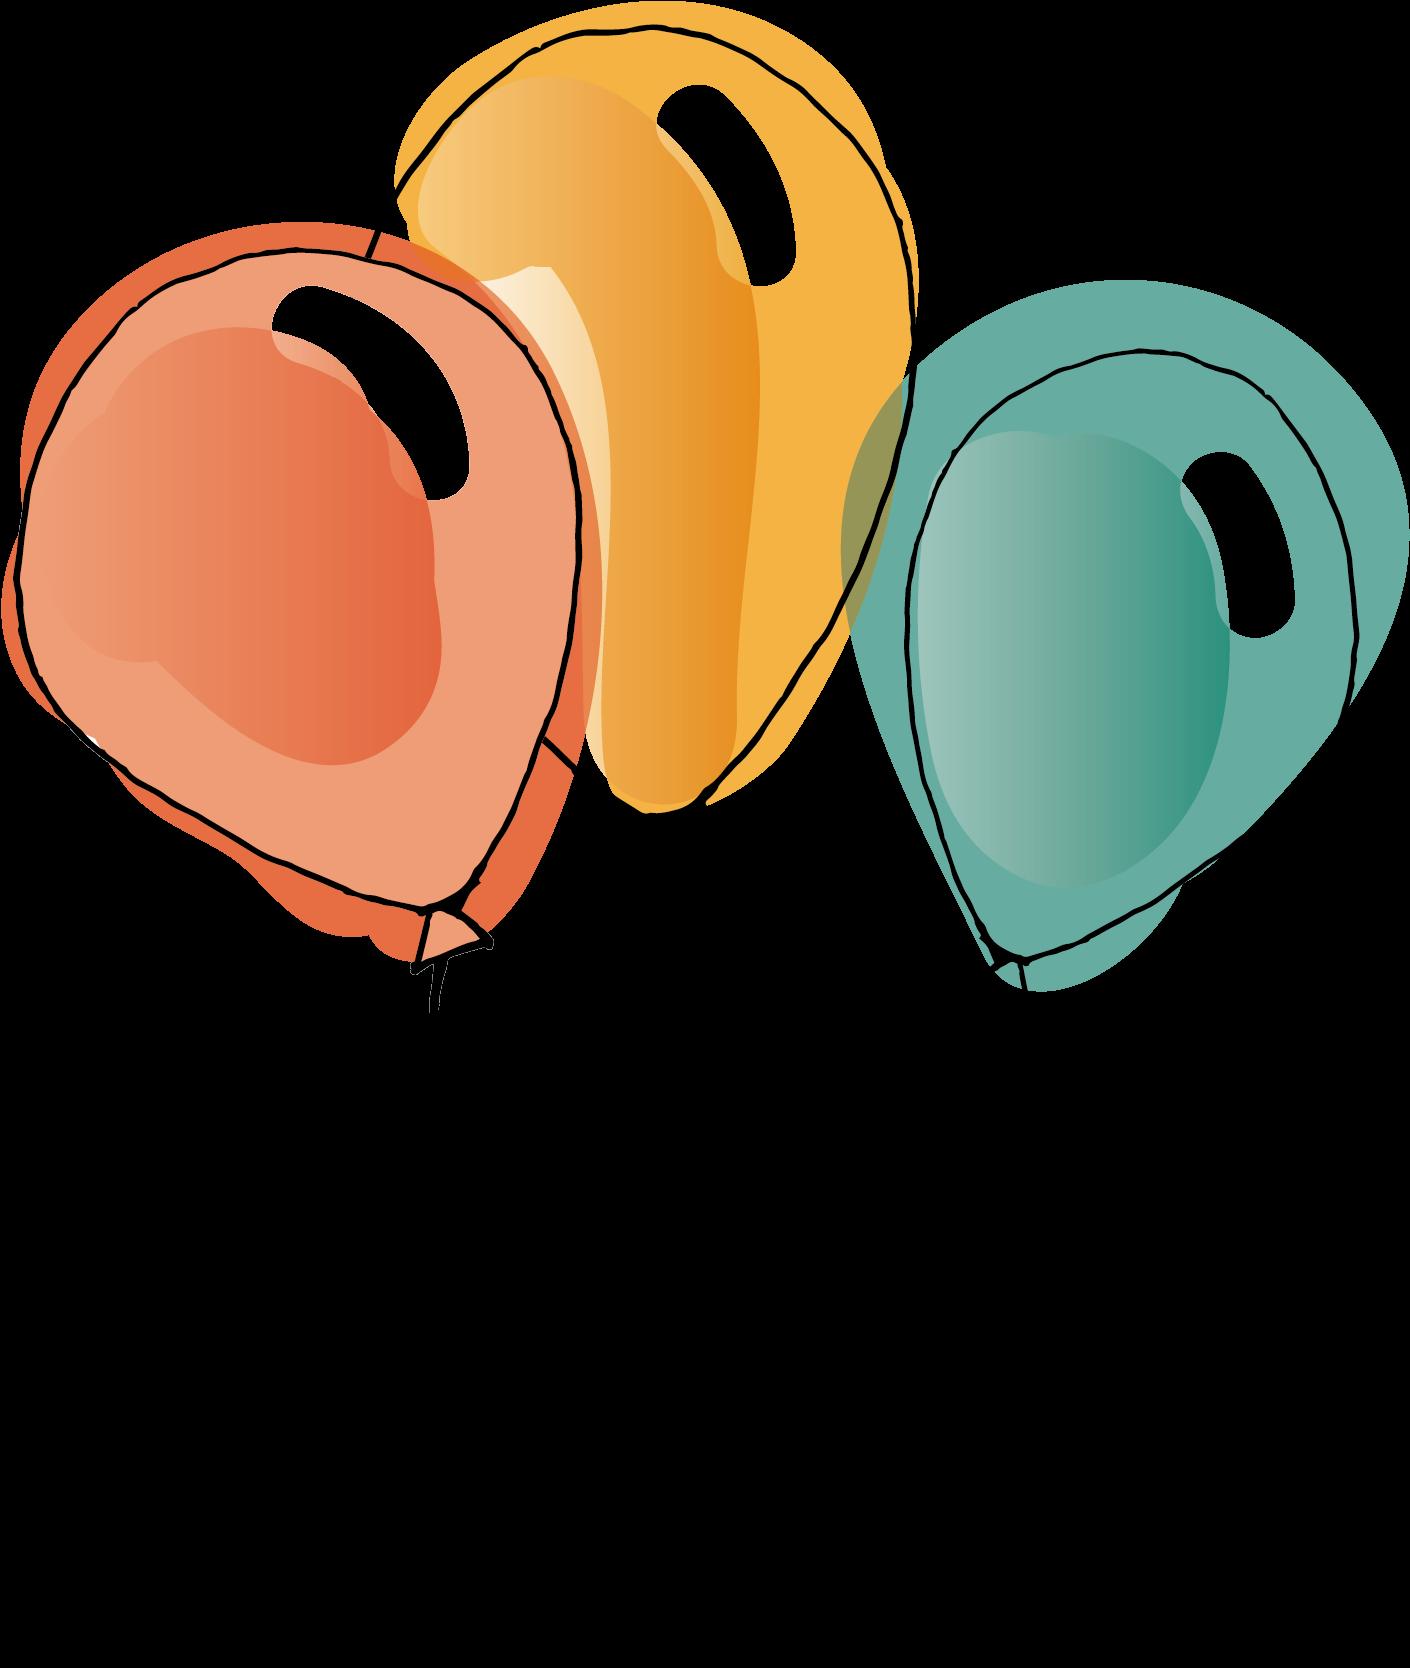 Нарисованные картинки воздушных шариков